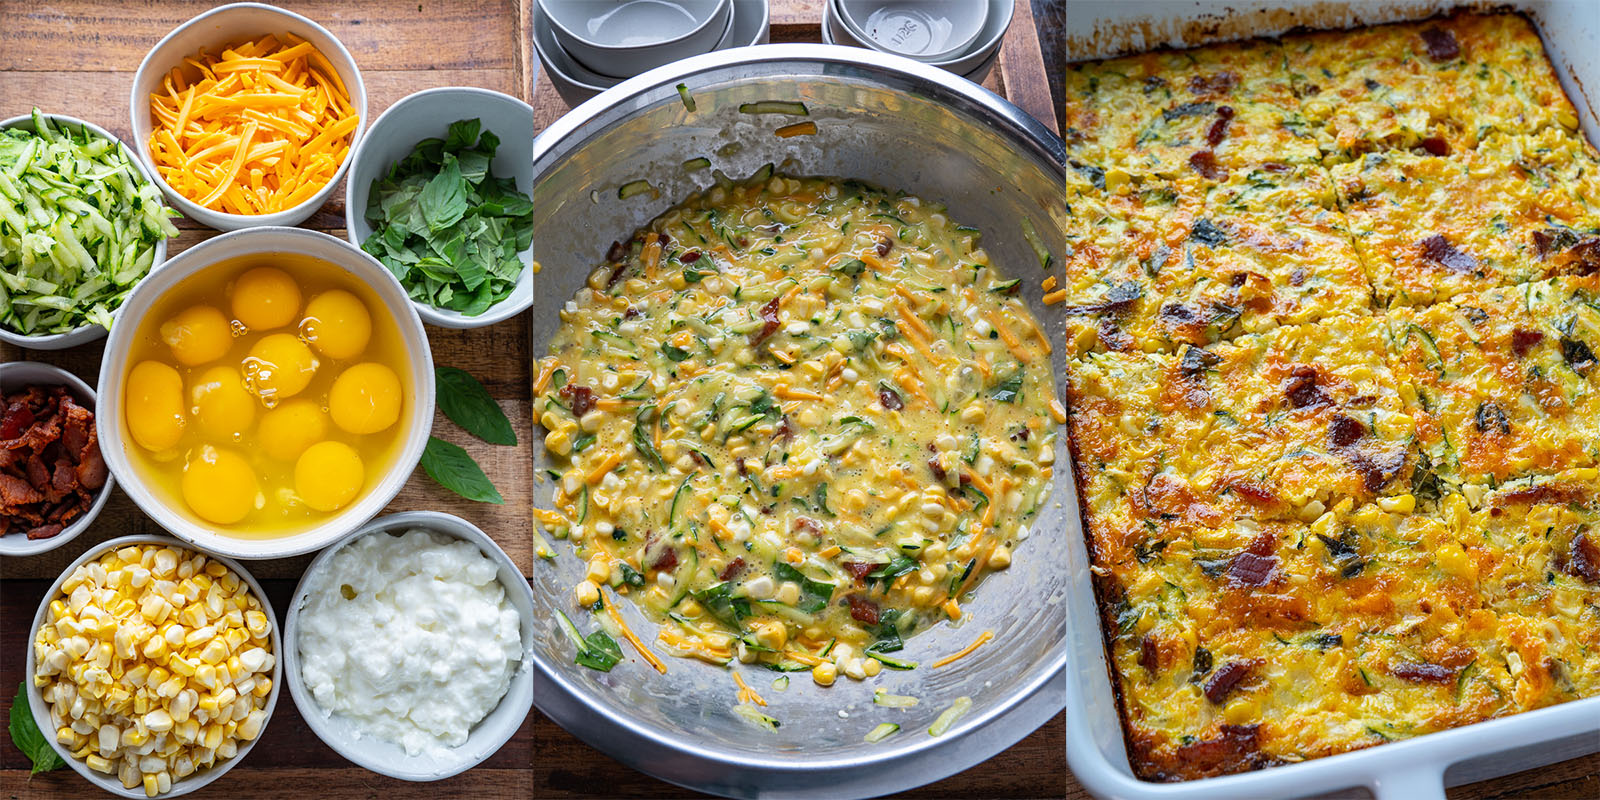 Zucchini and Corn Egg Casserole